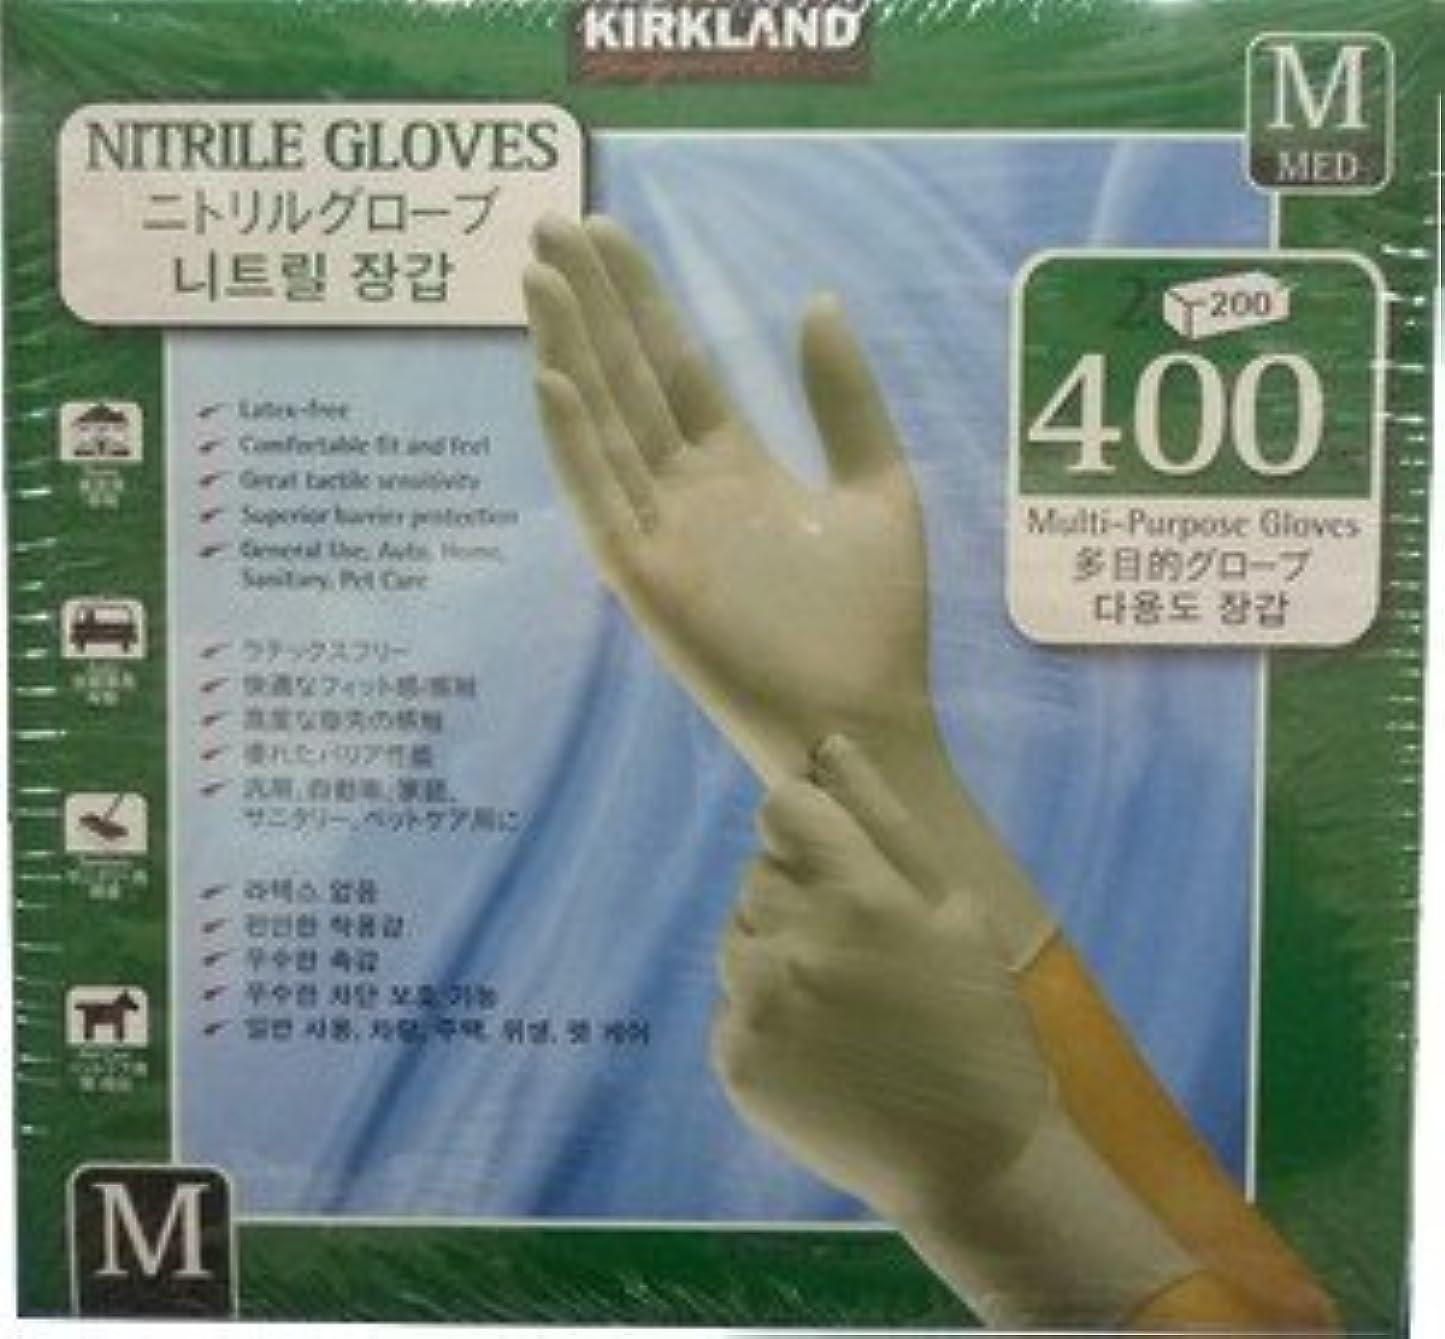 振るう版心臓KIRKLAND カークランド ニトリルグローブ 手袋 Mサイズ 200枚×2箱